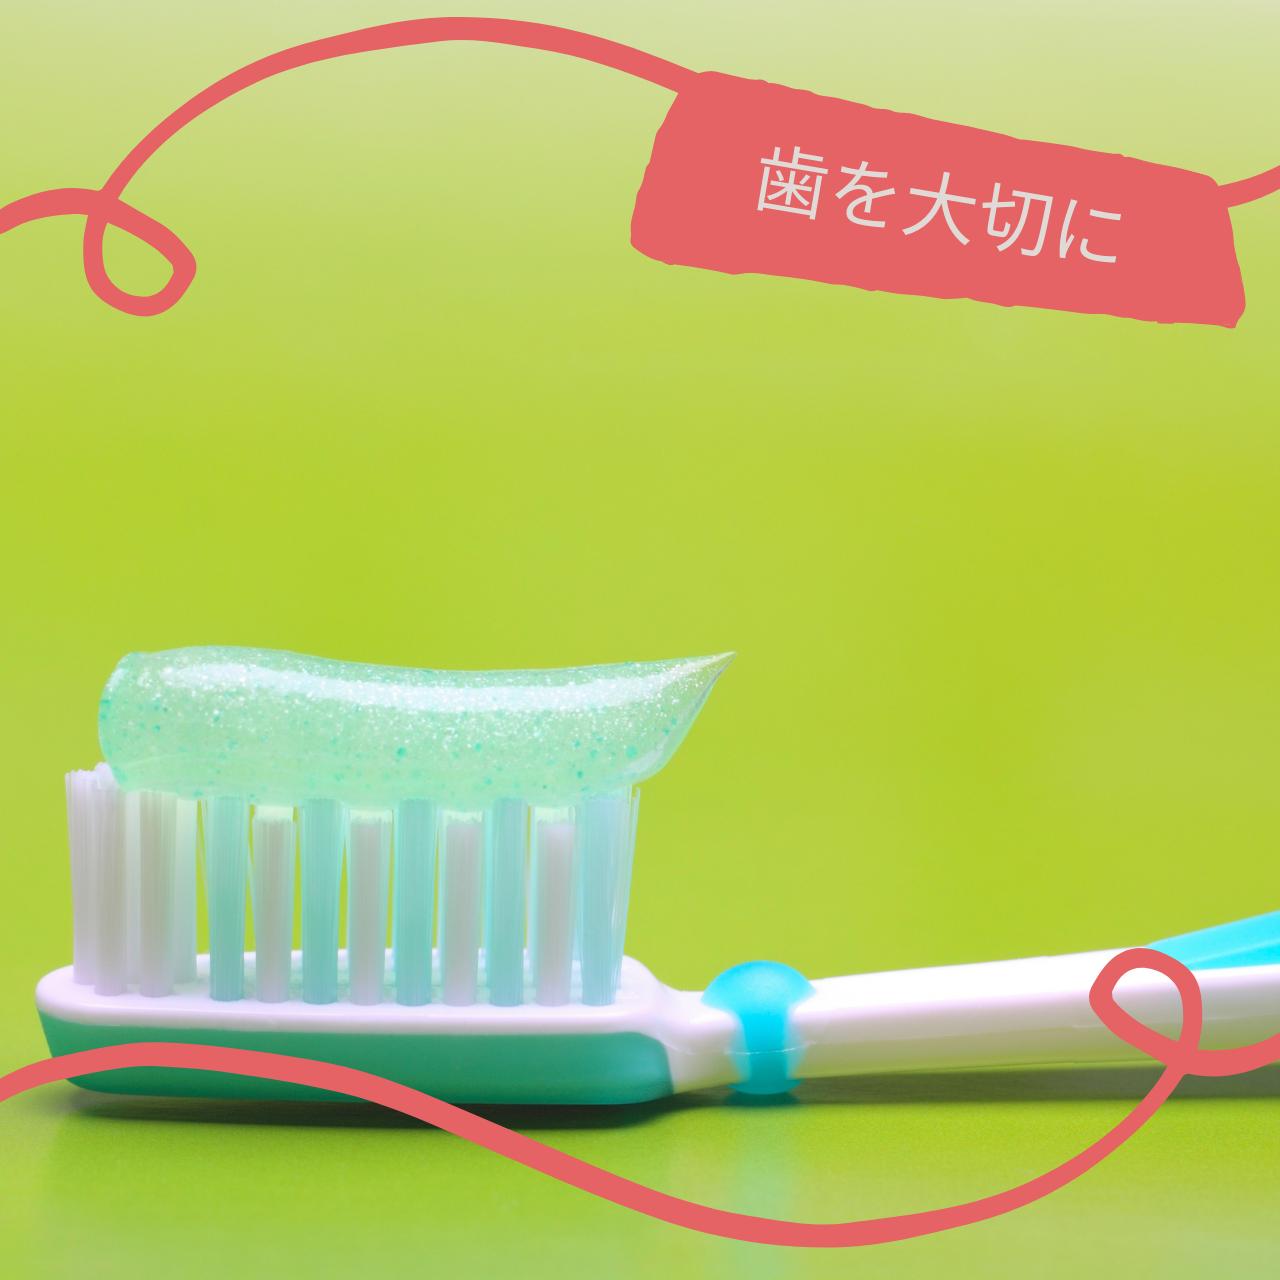 【口臭と歯周病の関係】